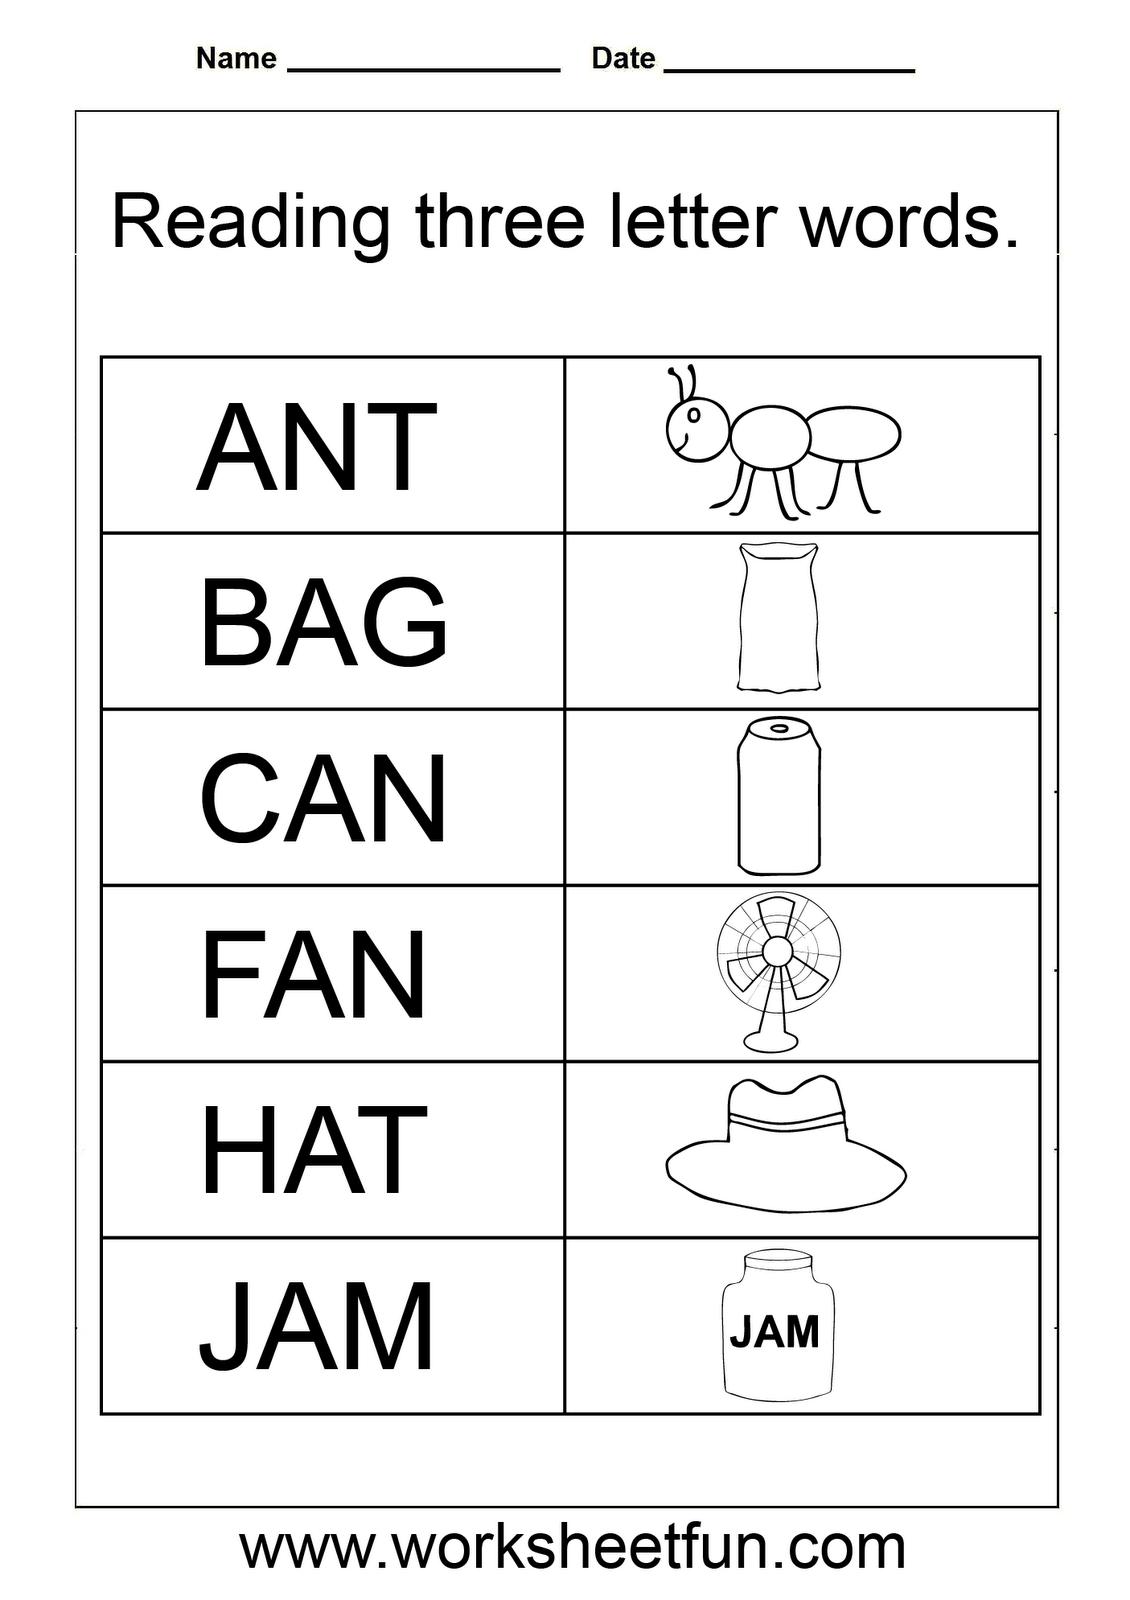 3 Letter Words Worksheets